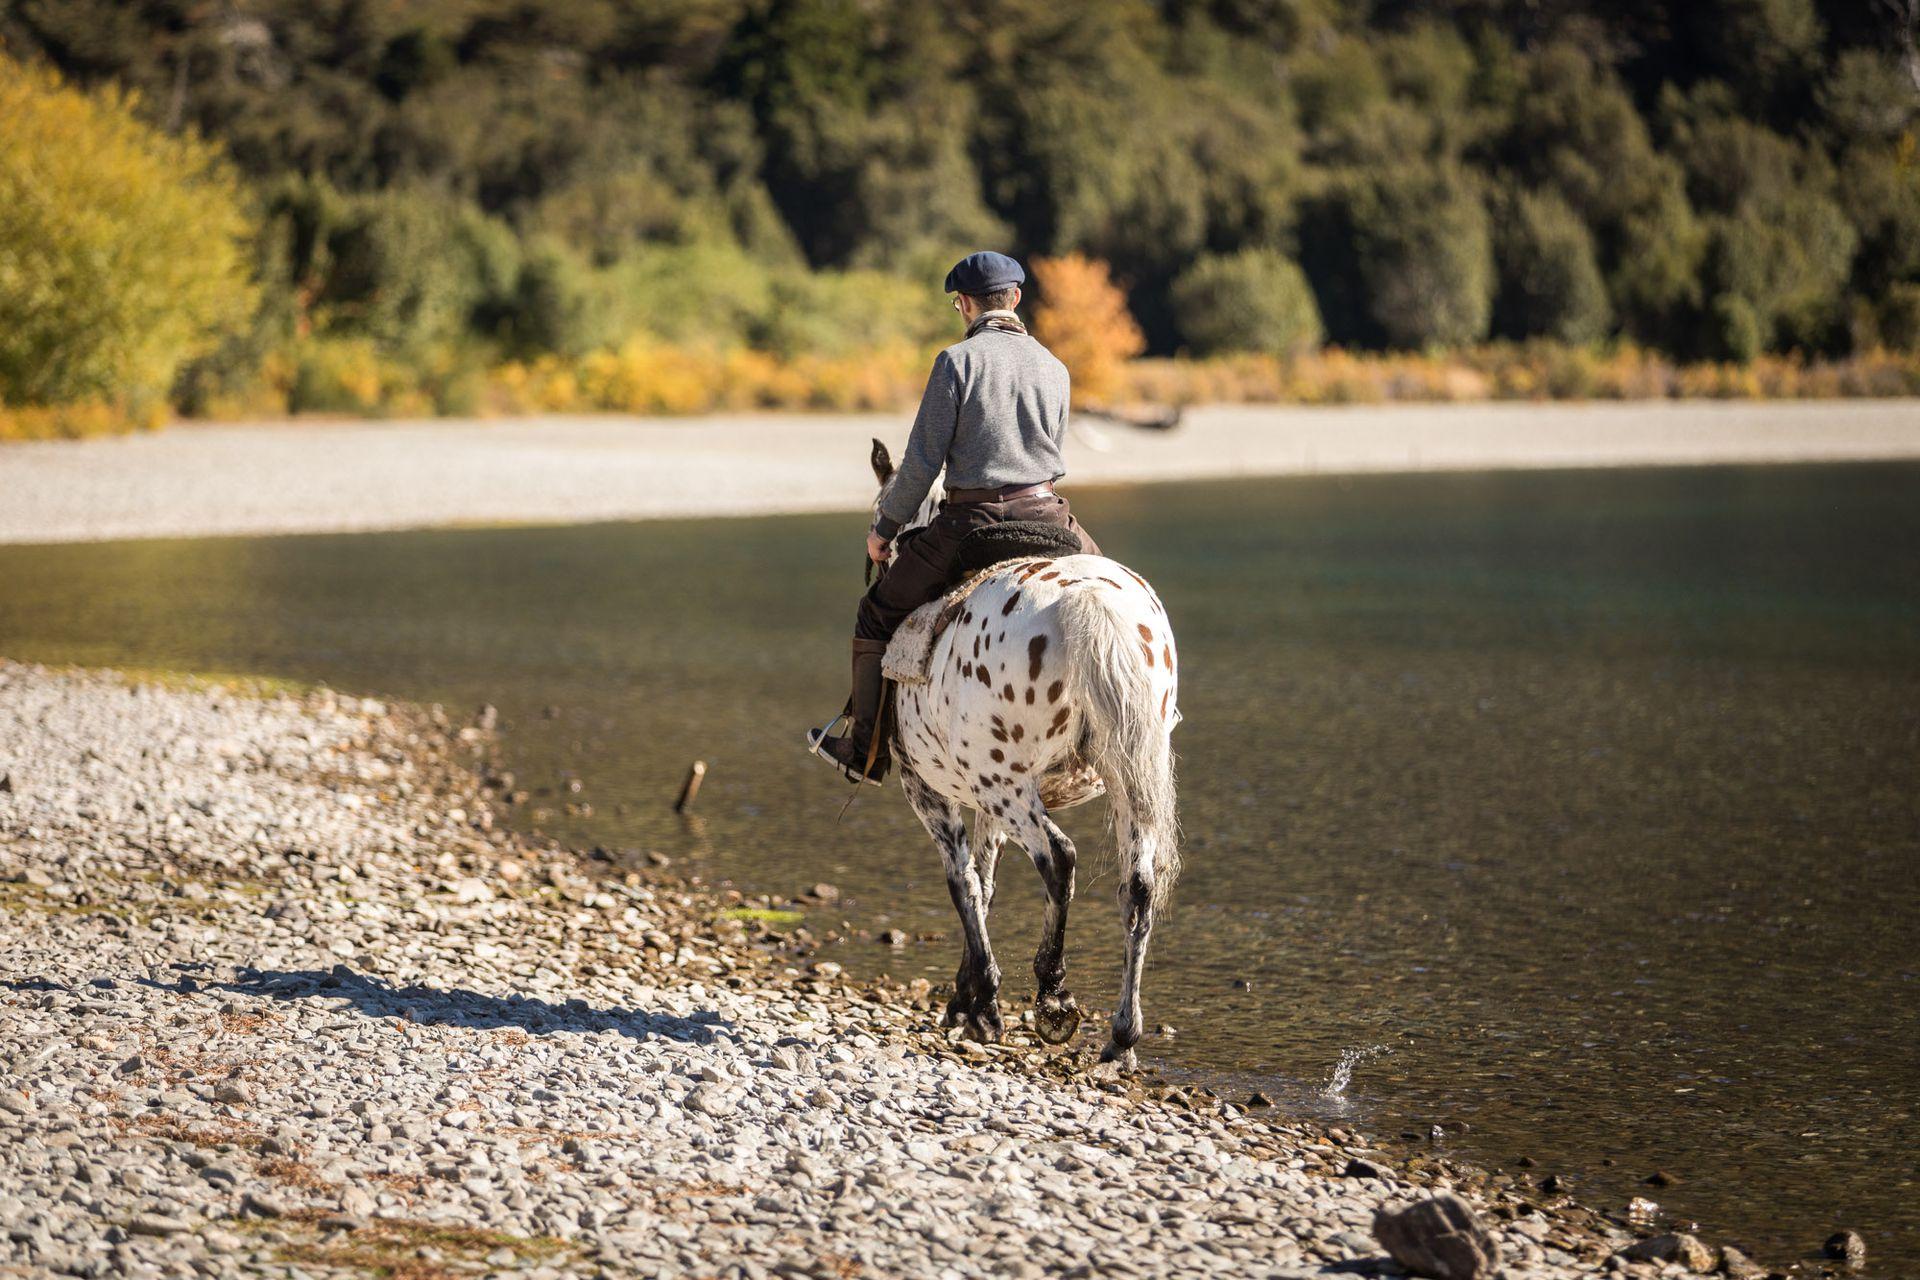 Los paseos a caballo son otra opción para internarse en el bosque a ritmo manso.